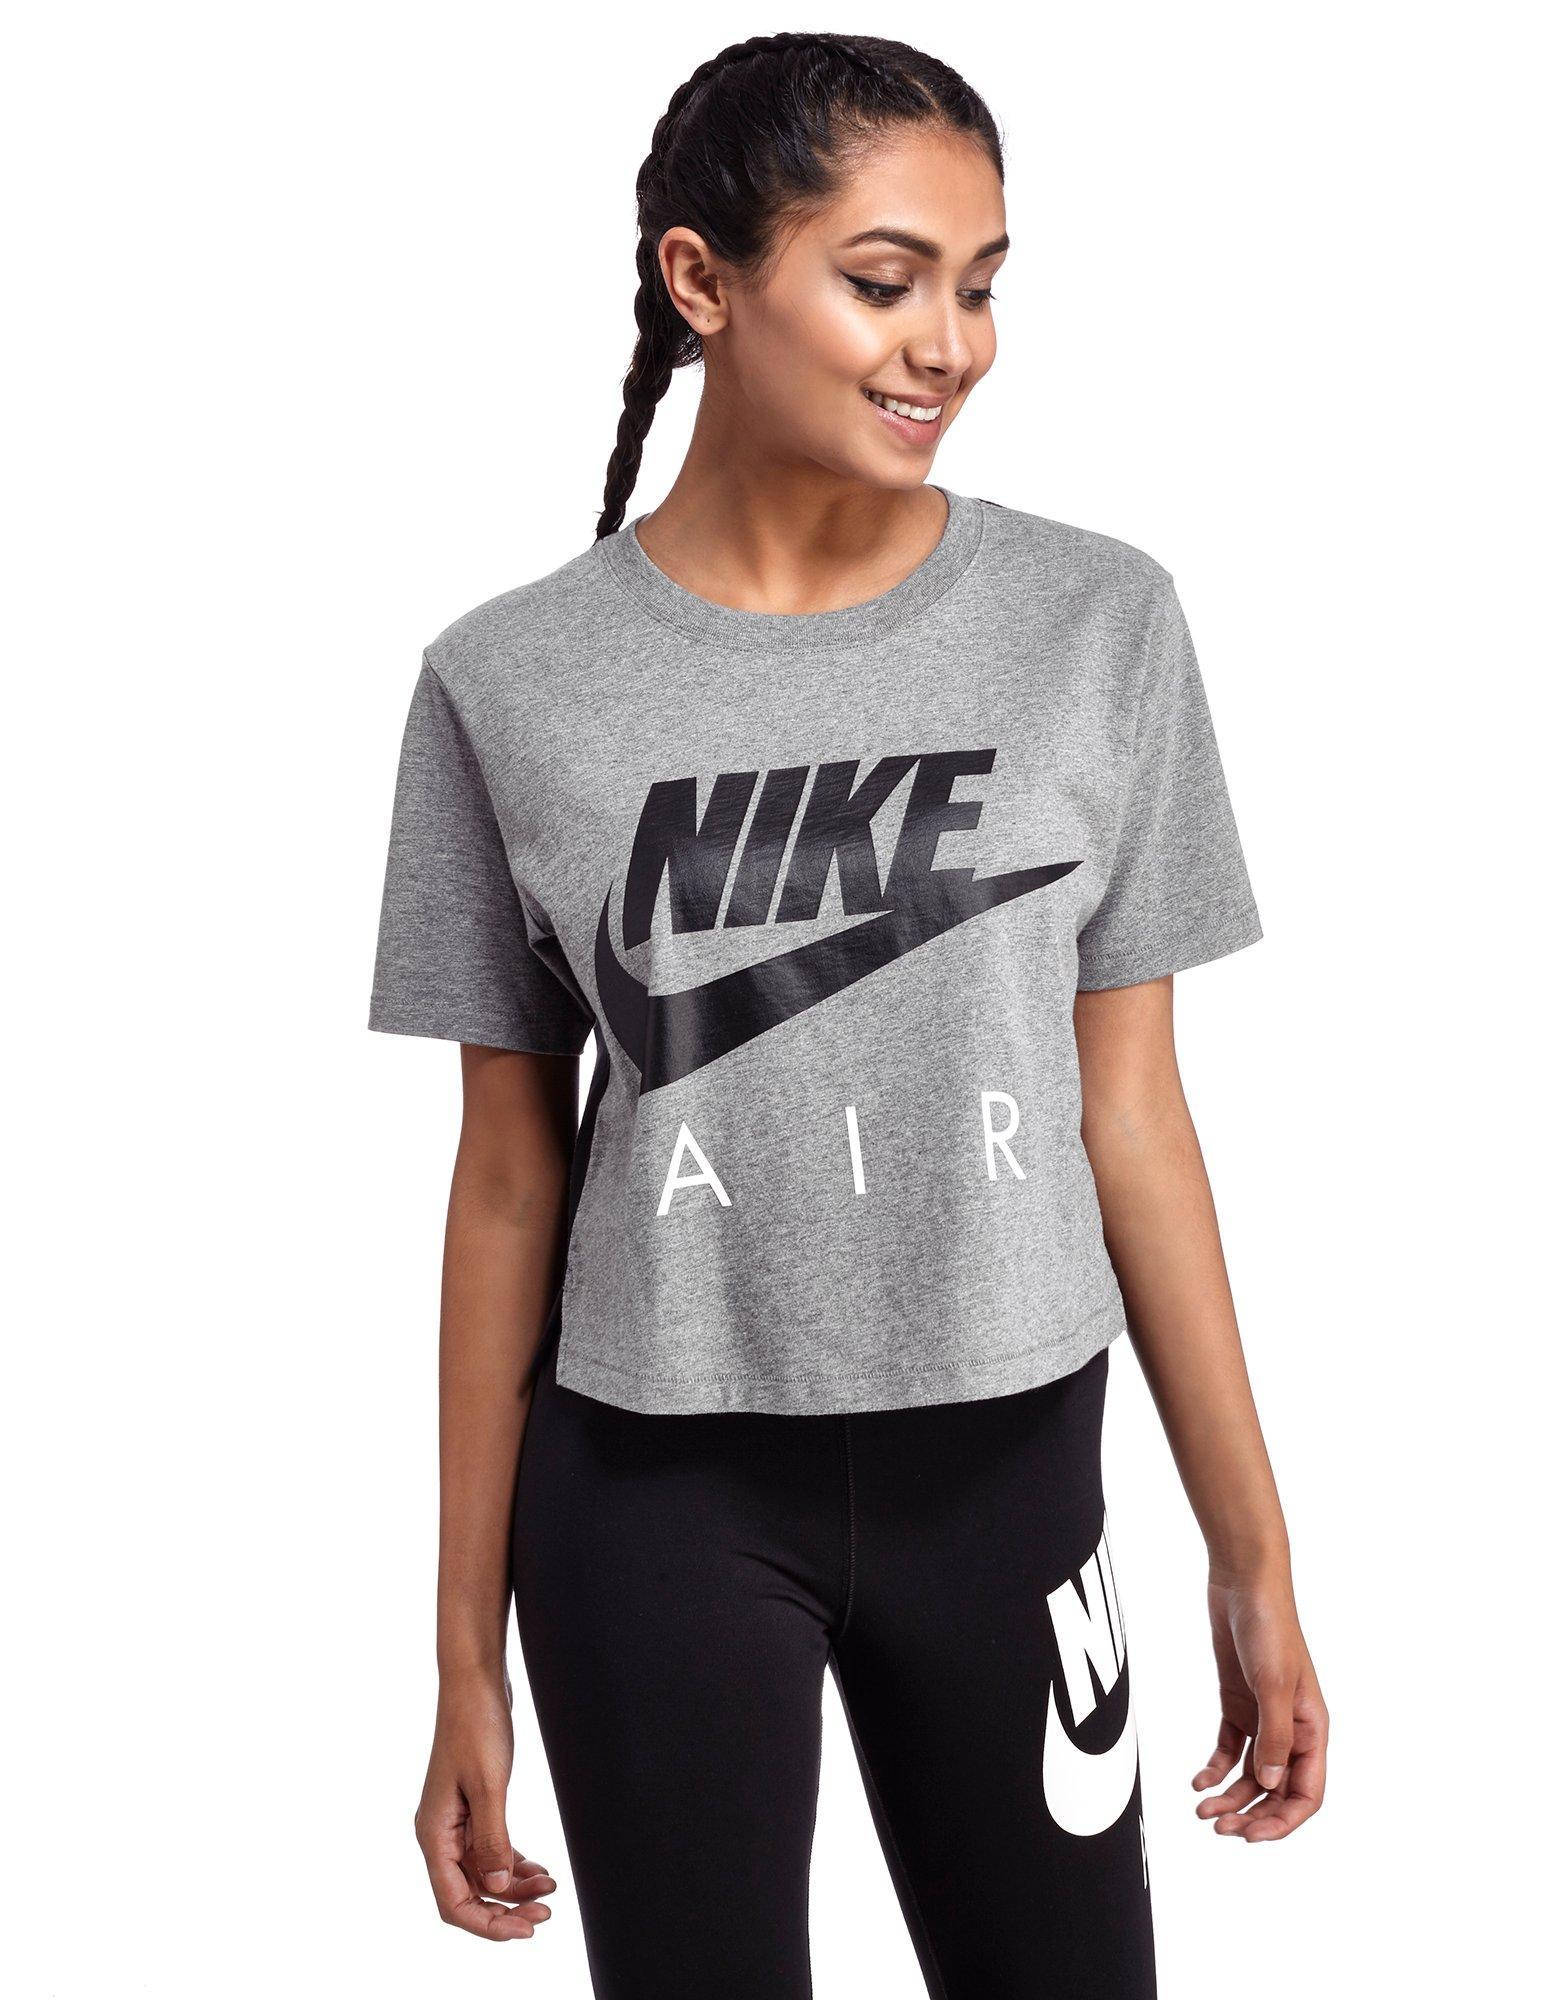 nike air max 1 womens essential tees